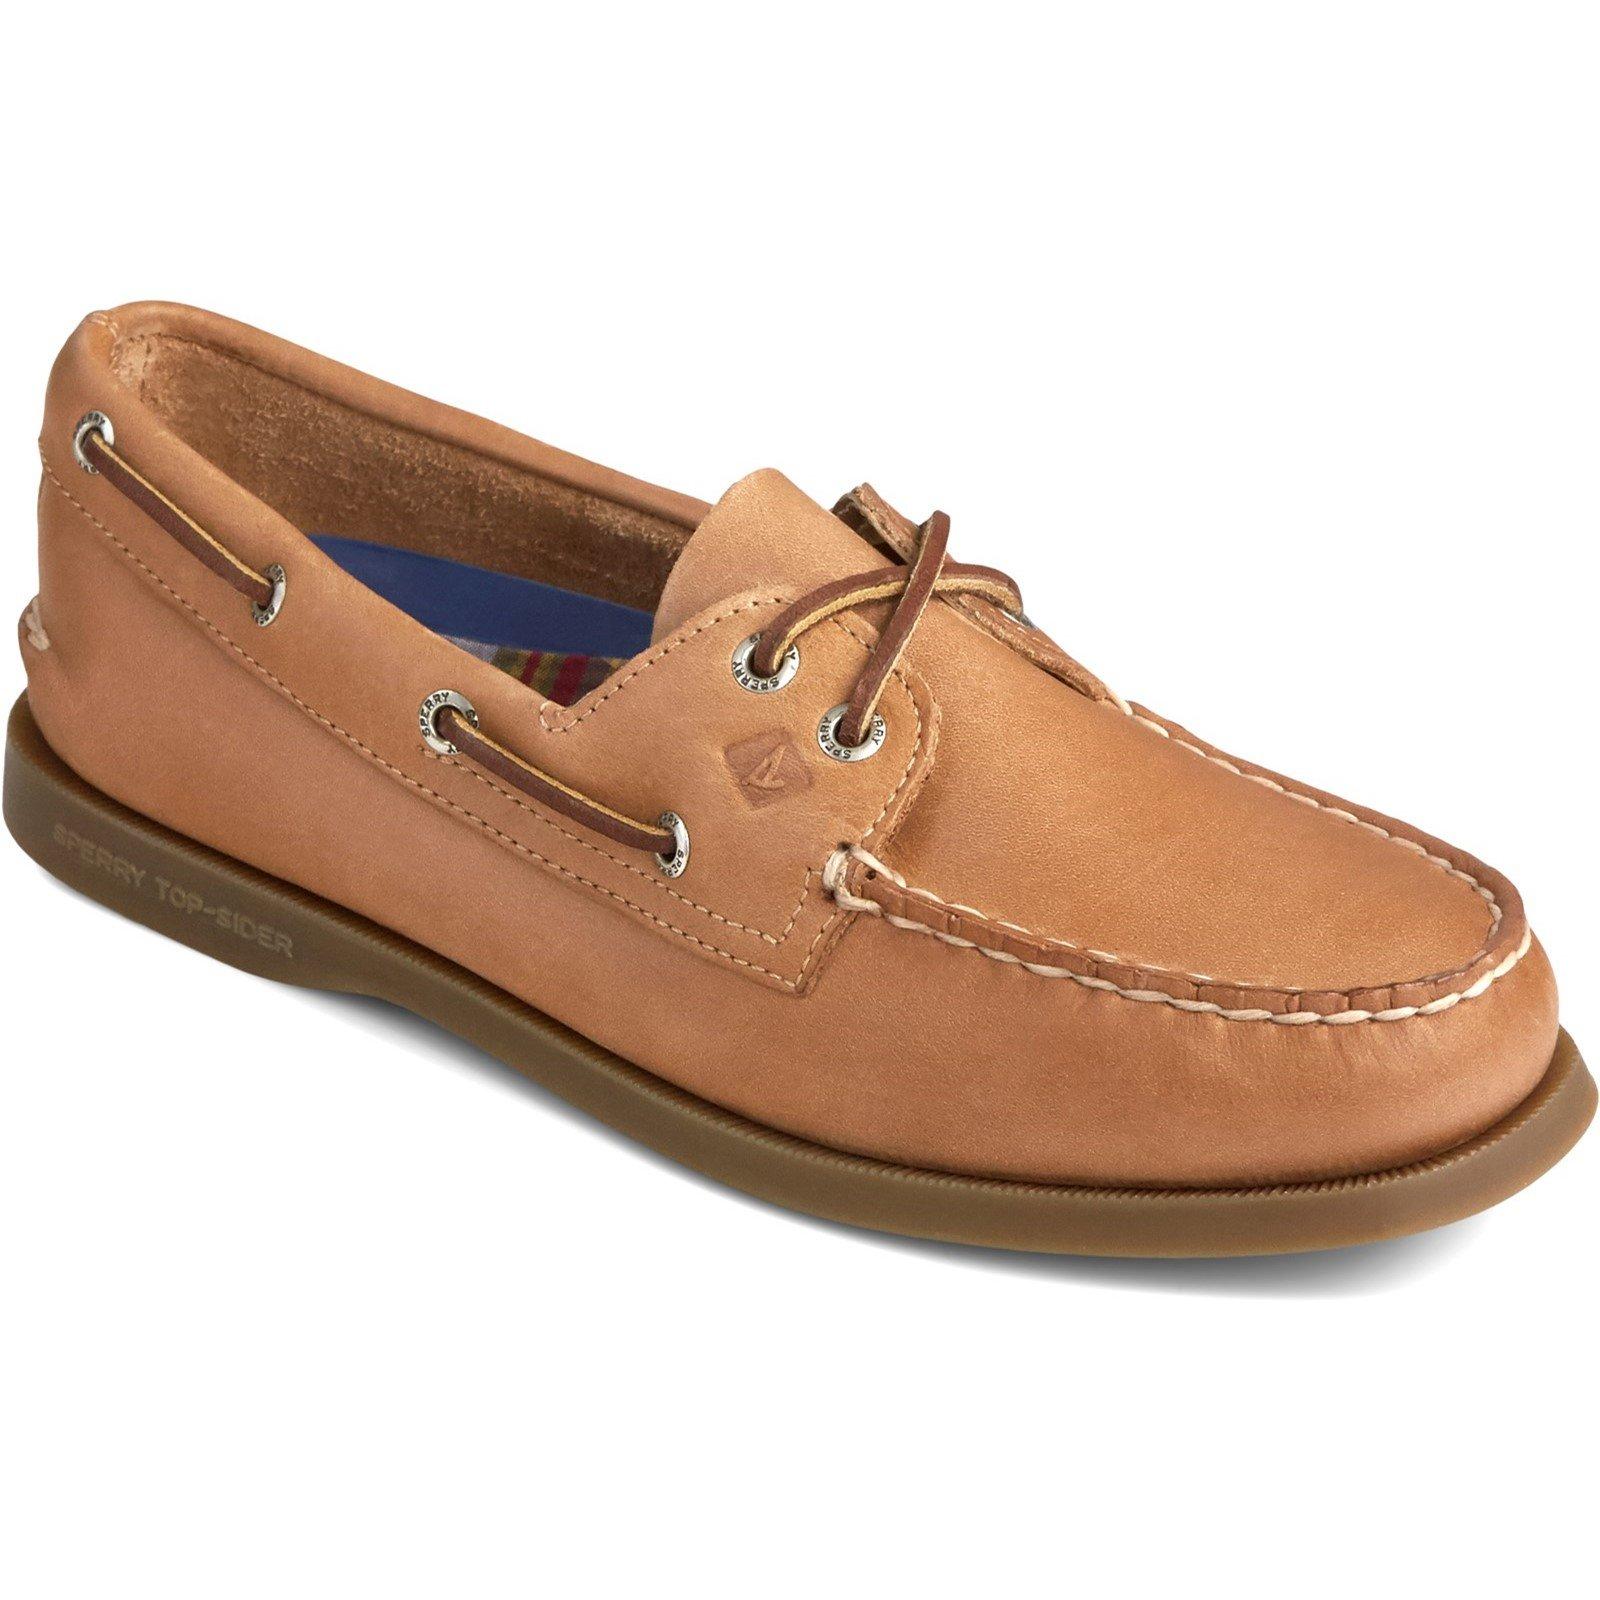 Sperry Women's Authentic Original Boat Shoe Various Colours 31535 - Nutmeg 7